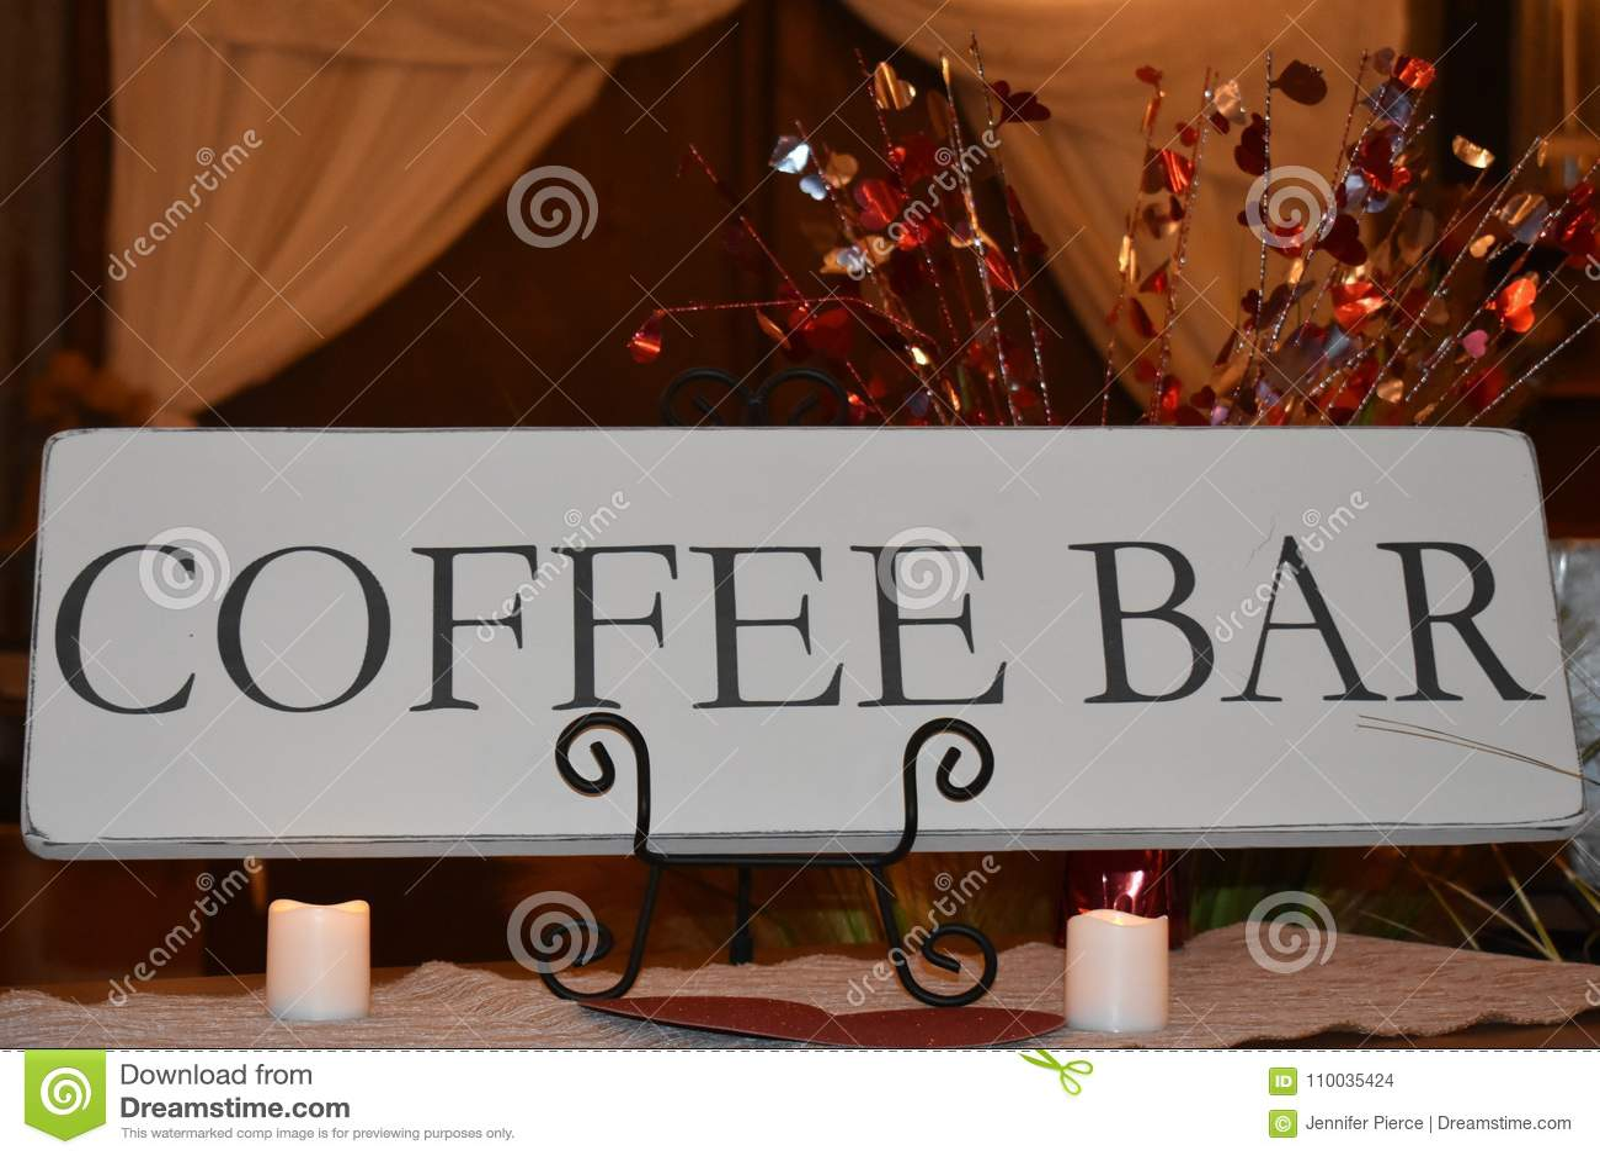 Koffiebarteken